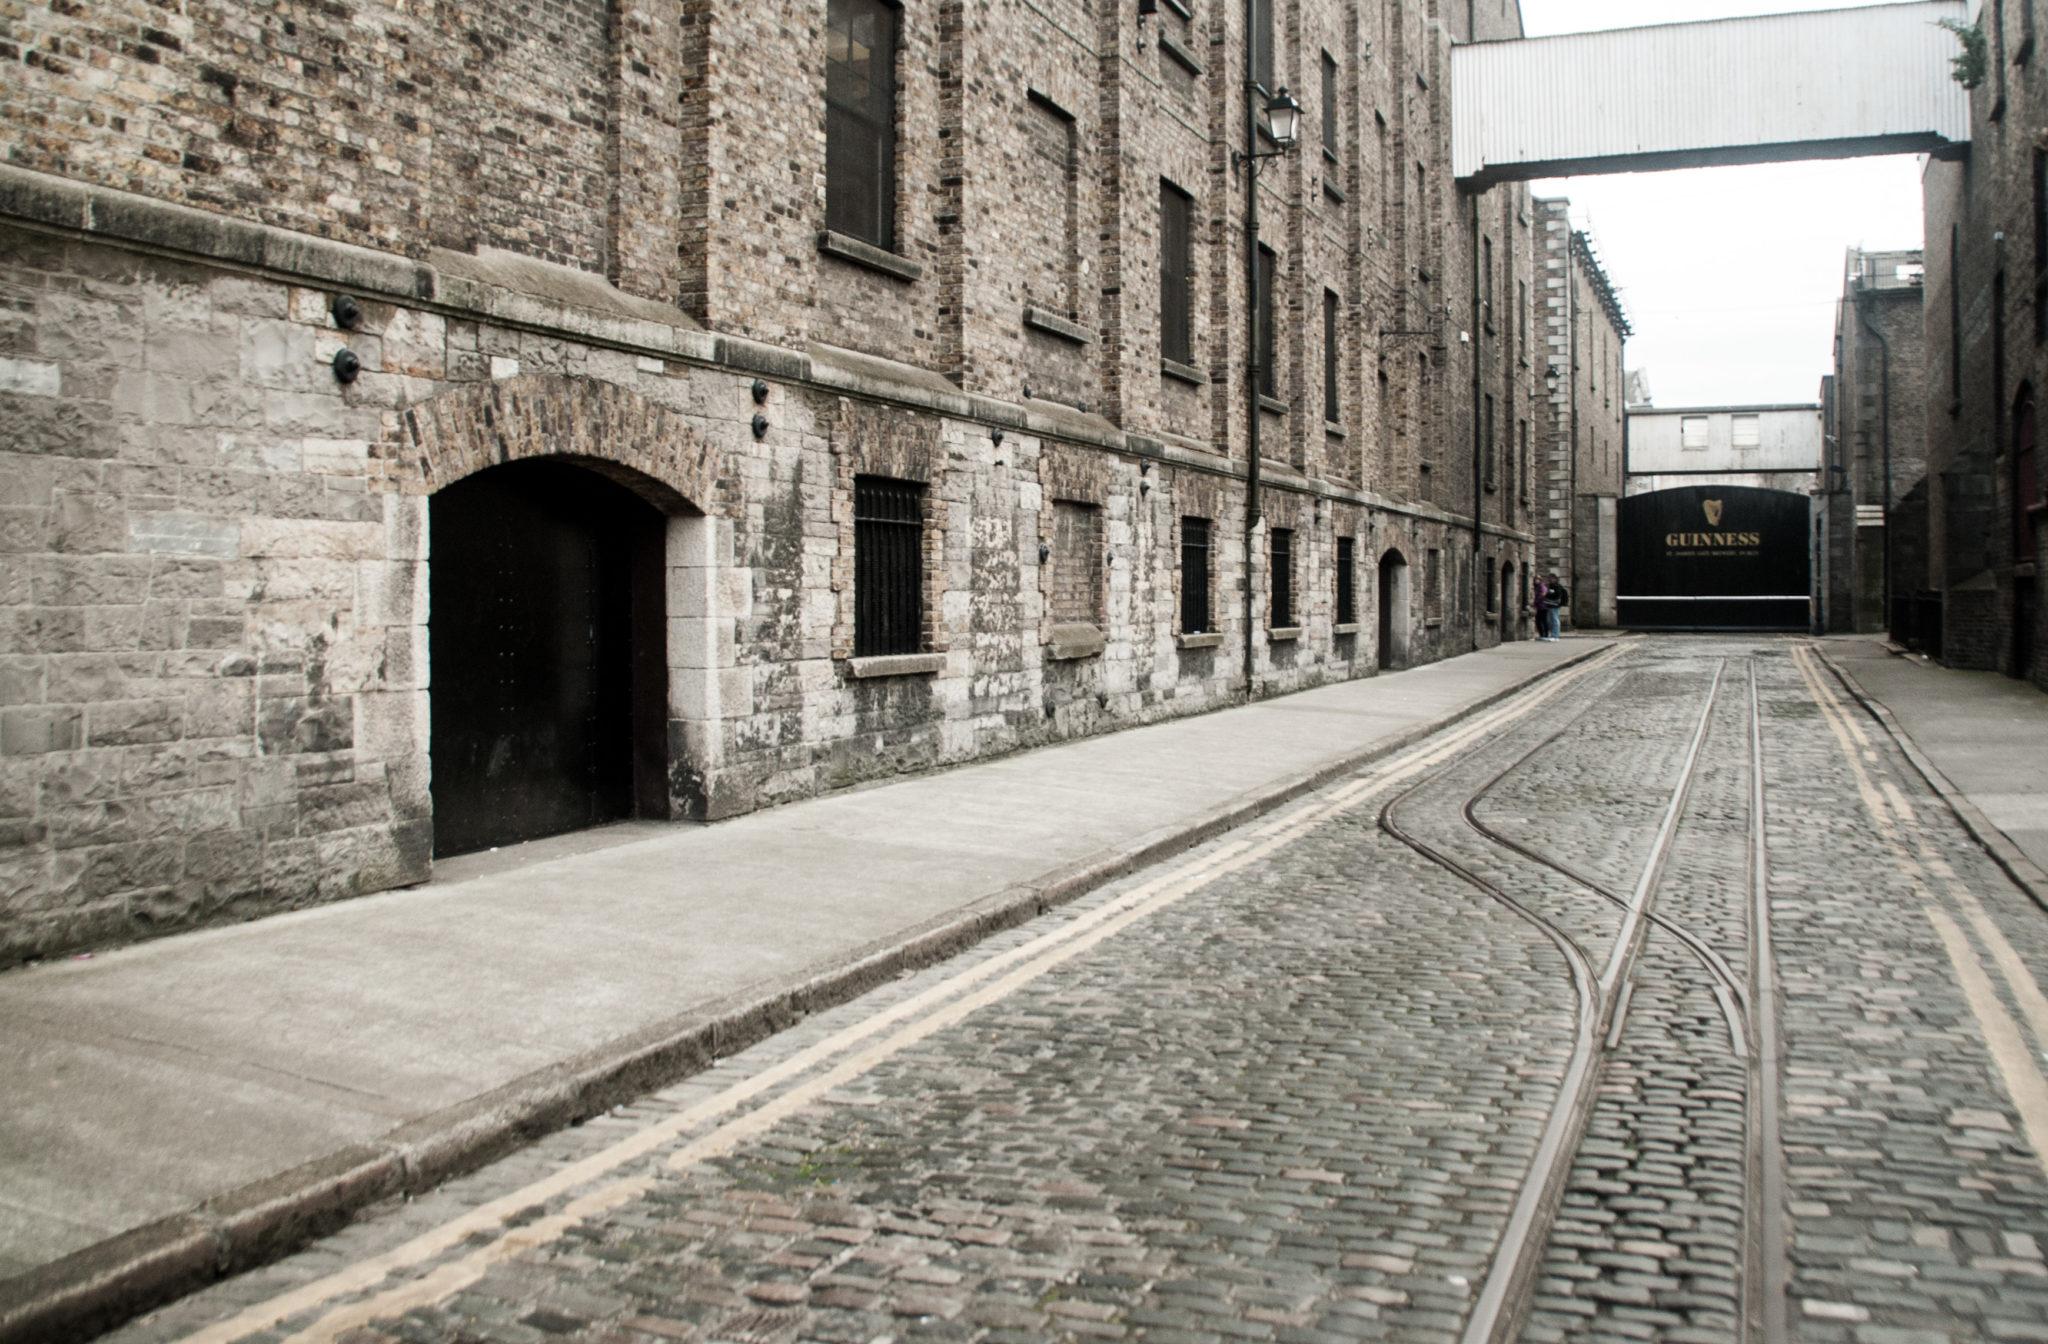 Entrée de la guinness factory à Dublin